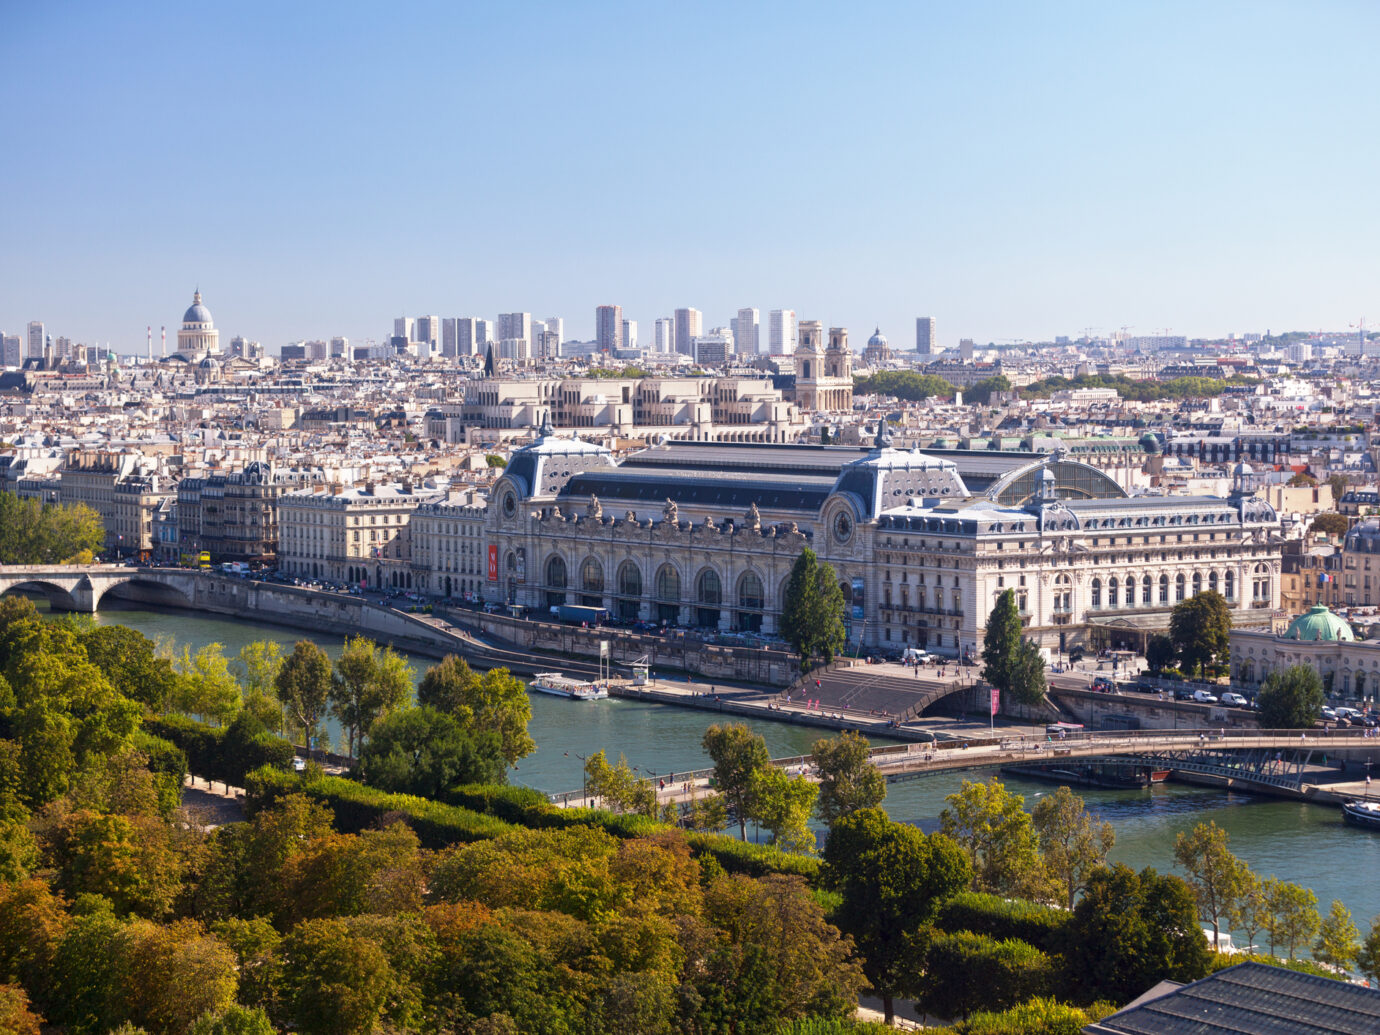 Aerial view of Paris centered on the Musée d'Orsay but also including the Seine River, the Jardin des Tuileries, the Musée national de la Légion d'honneur et des ordres de chevalerie, the Université Paris Descartes, the Église Saint-Sulpice, the Palais du Luxembourg and the Panthéon de la Sorbonne.